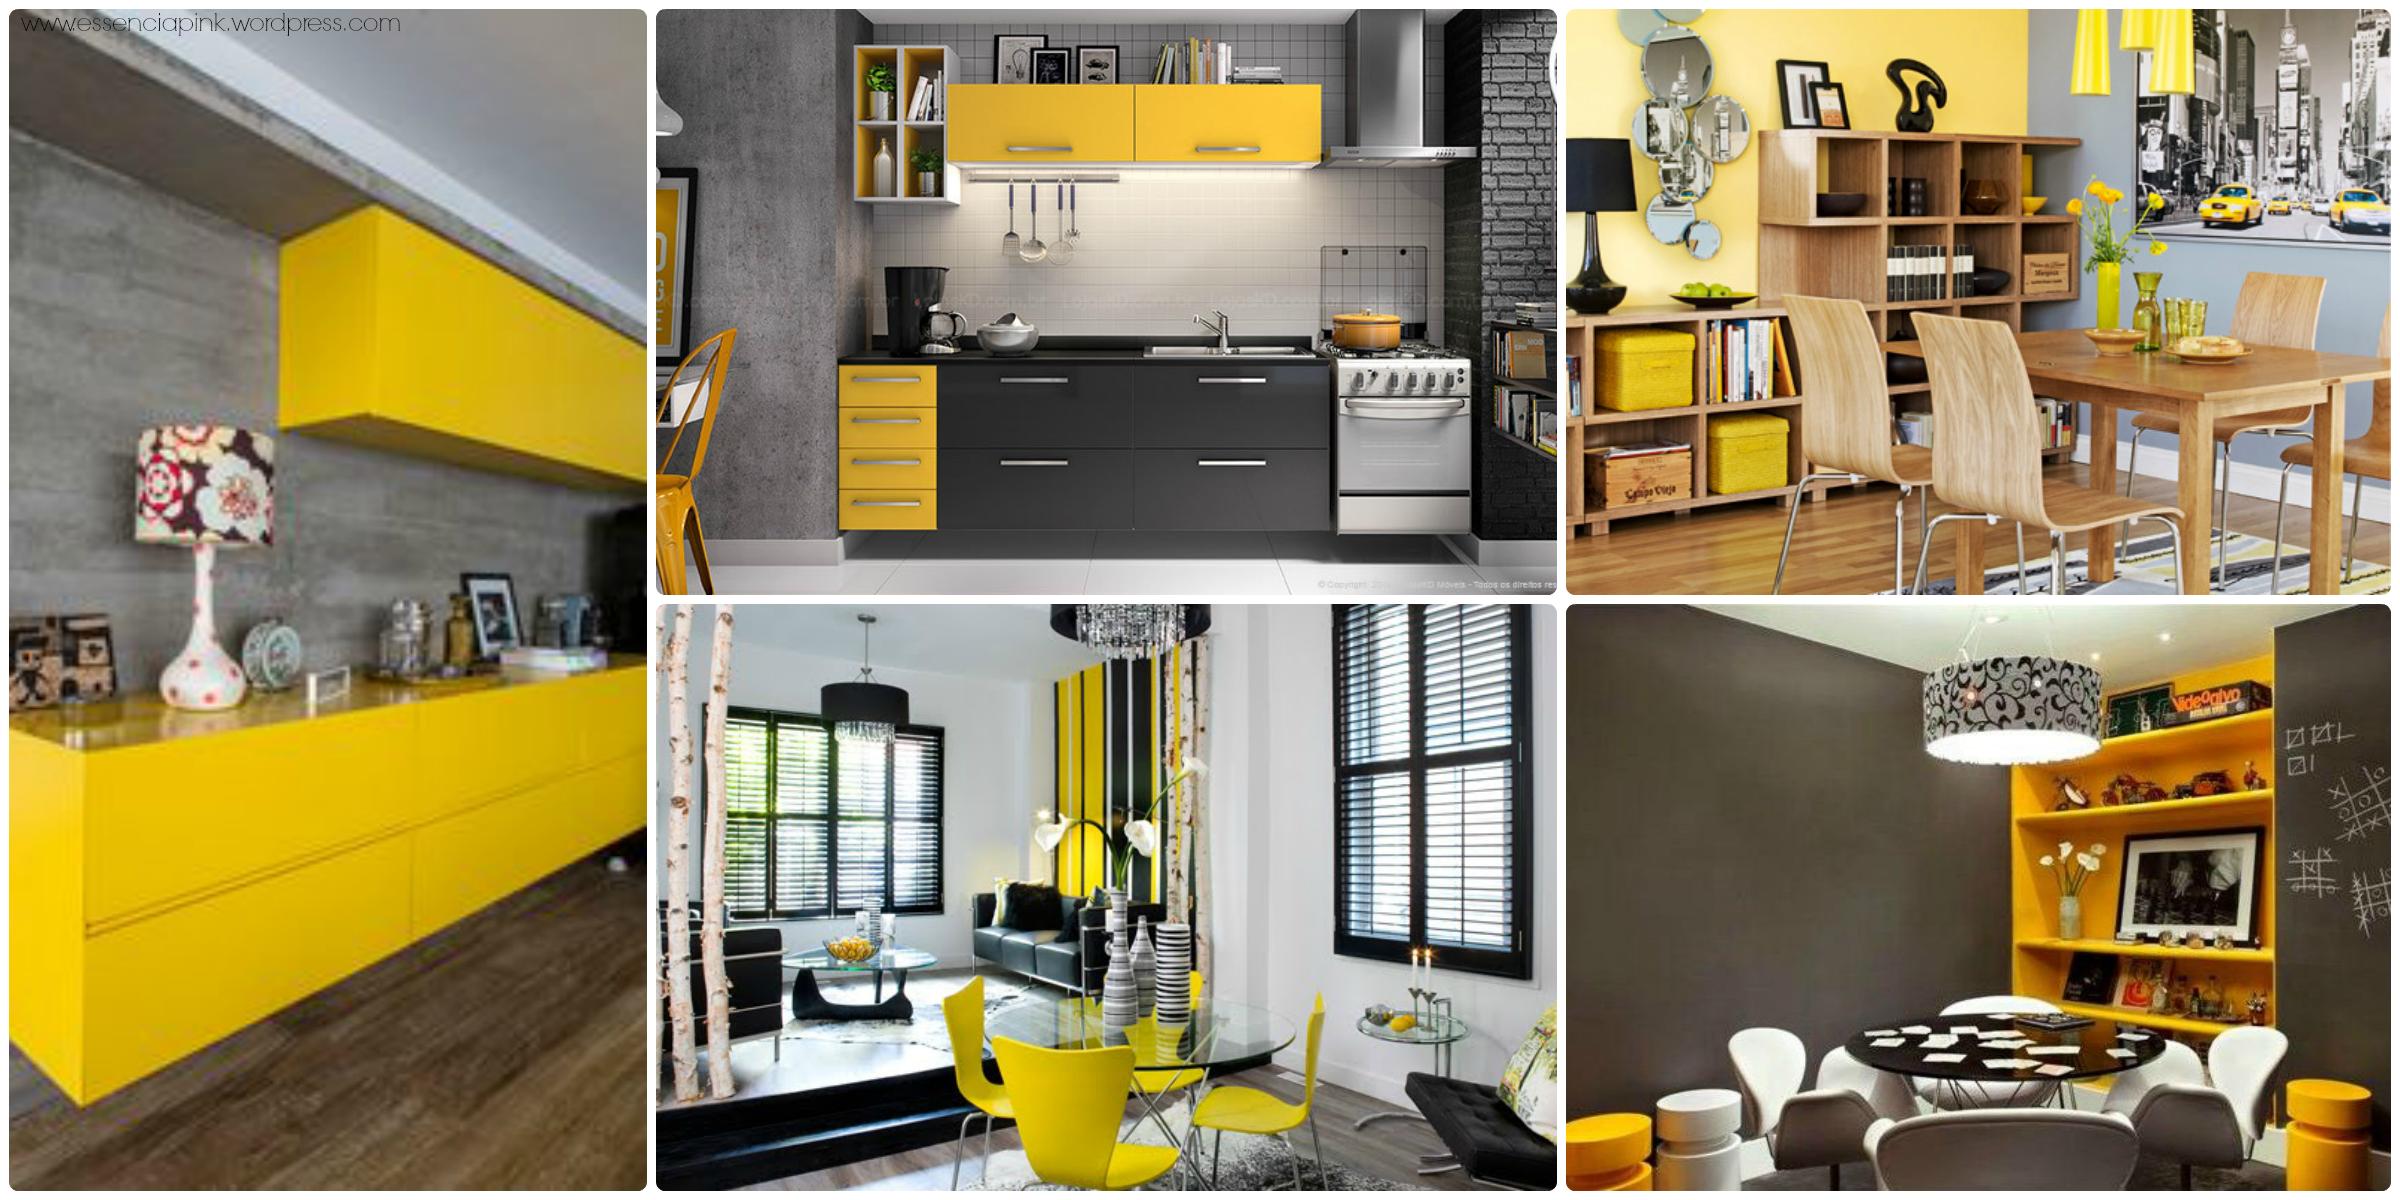 Na cozinha: Super contemporâneo alegre e sofisticado. #C09E0B 2400x1200 Banheiro Amarelo E Cinza